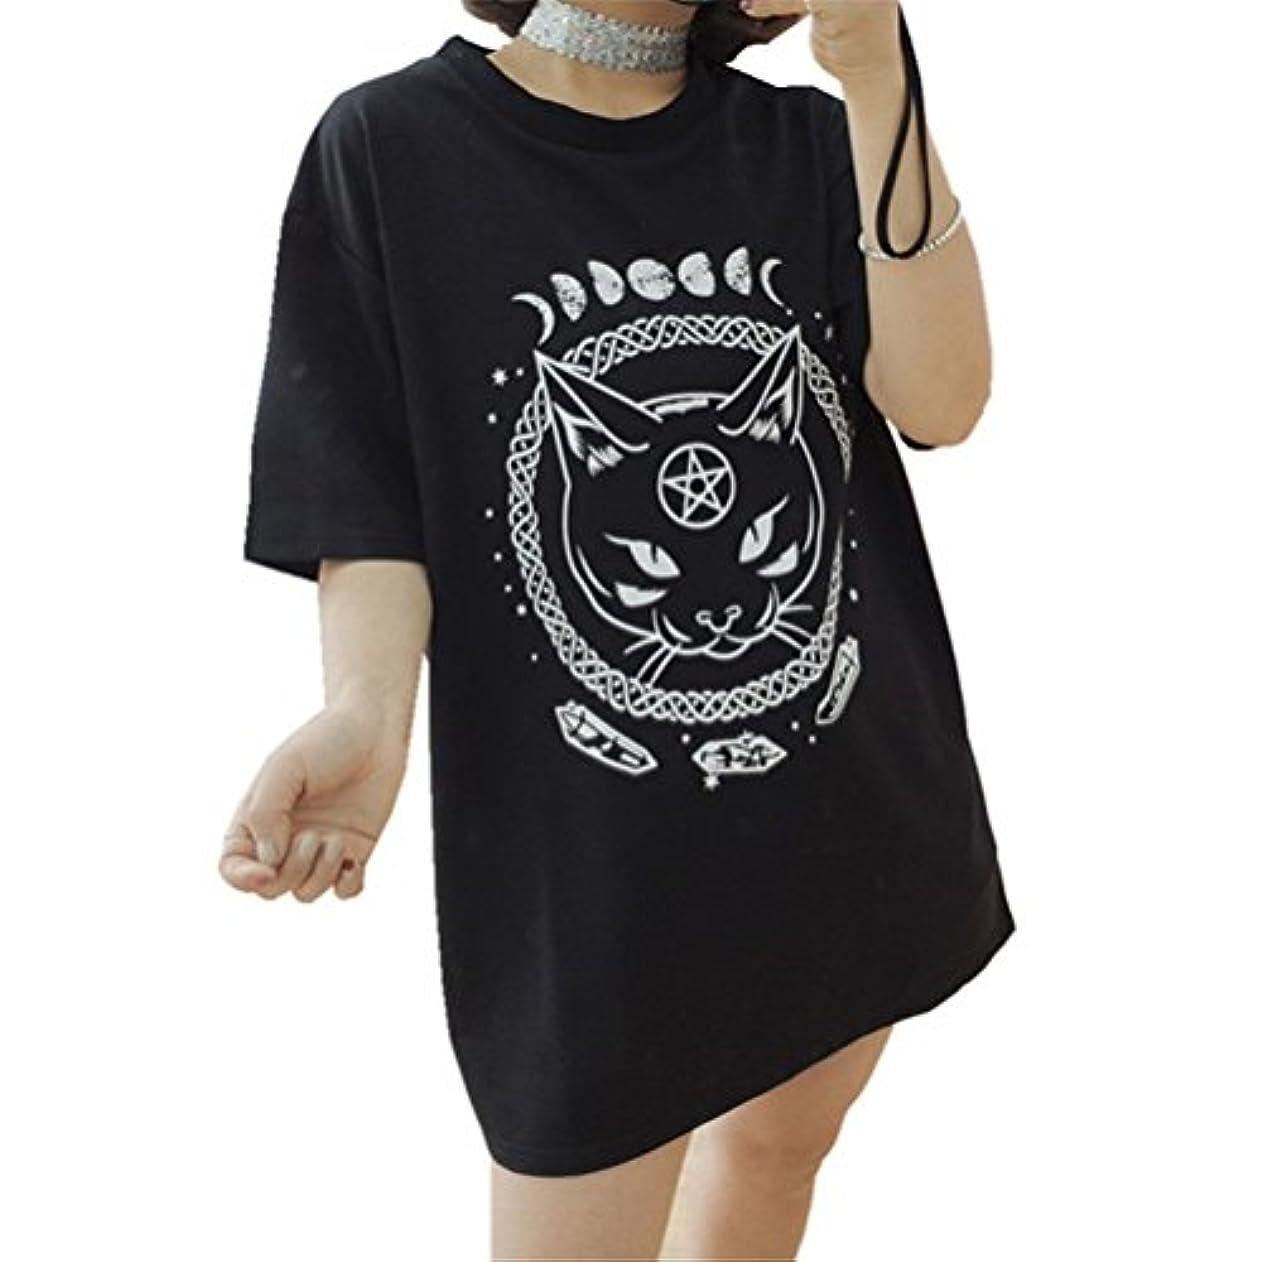 手のひら同様のひどく[Yangelo] Tシャツ レディース 半袖 猫柄 可愛い 個性的 星 月 プリントロング丈 着痩せ シンプル  カジュアル ゆったり 大きなサイズ  ワンピース ヒップライン